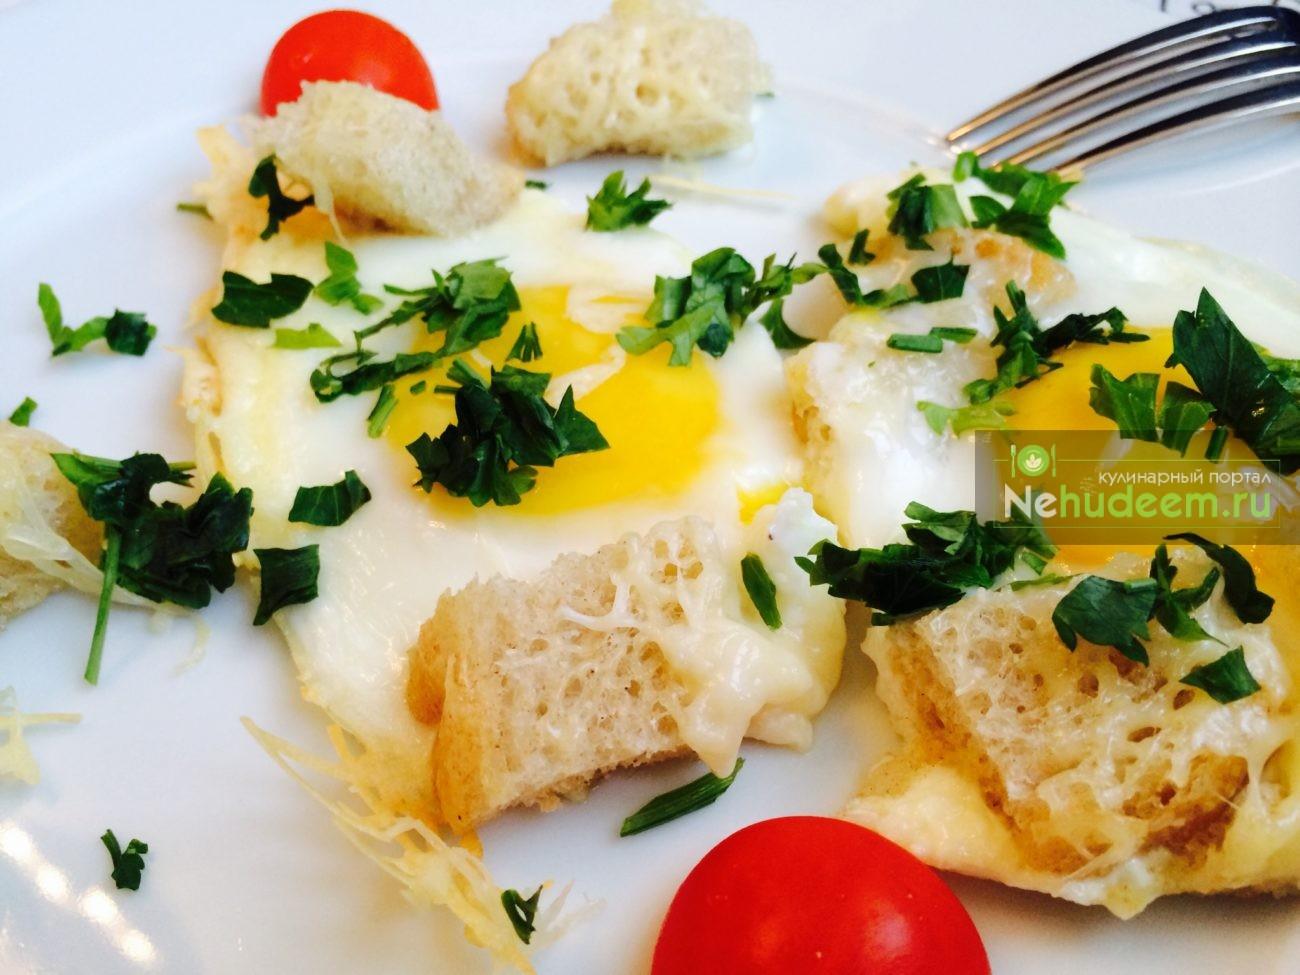 Глазунья с сыром и хлебом